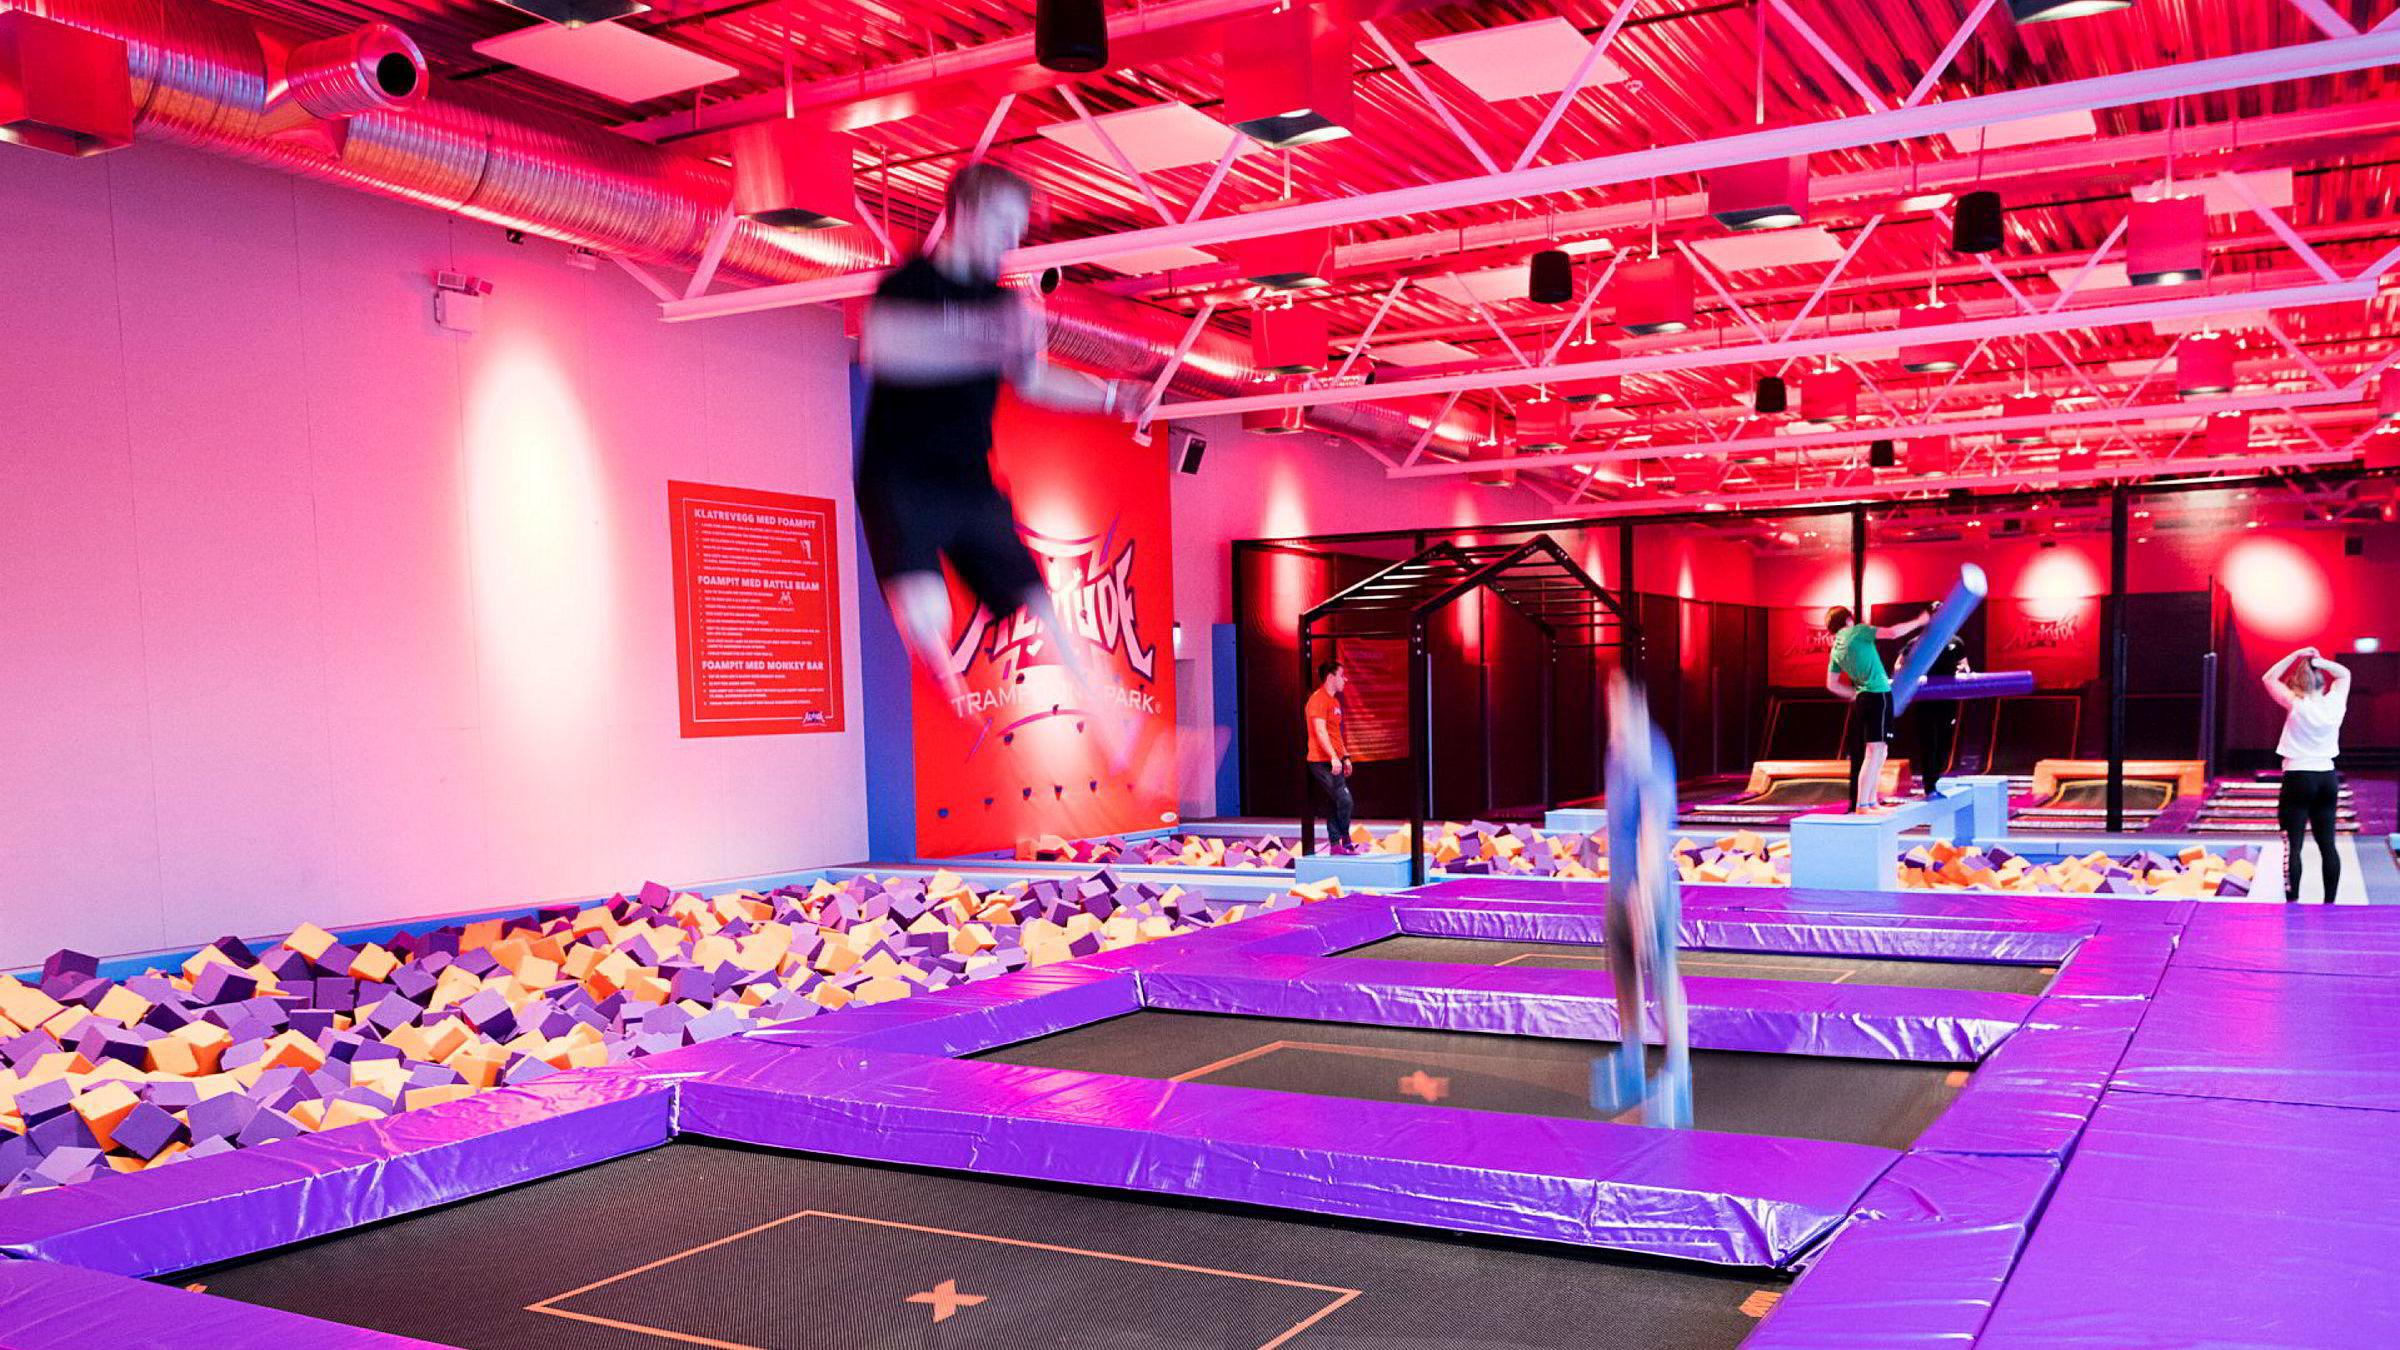 Altitude trampolinepark i Asker har endret egenerklæringen for besøkende etter reaksjoner fra Forbrukerrådet og Direktoratet for samfunnssikkerhet og beredskap (DSB).